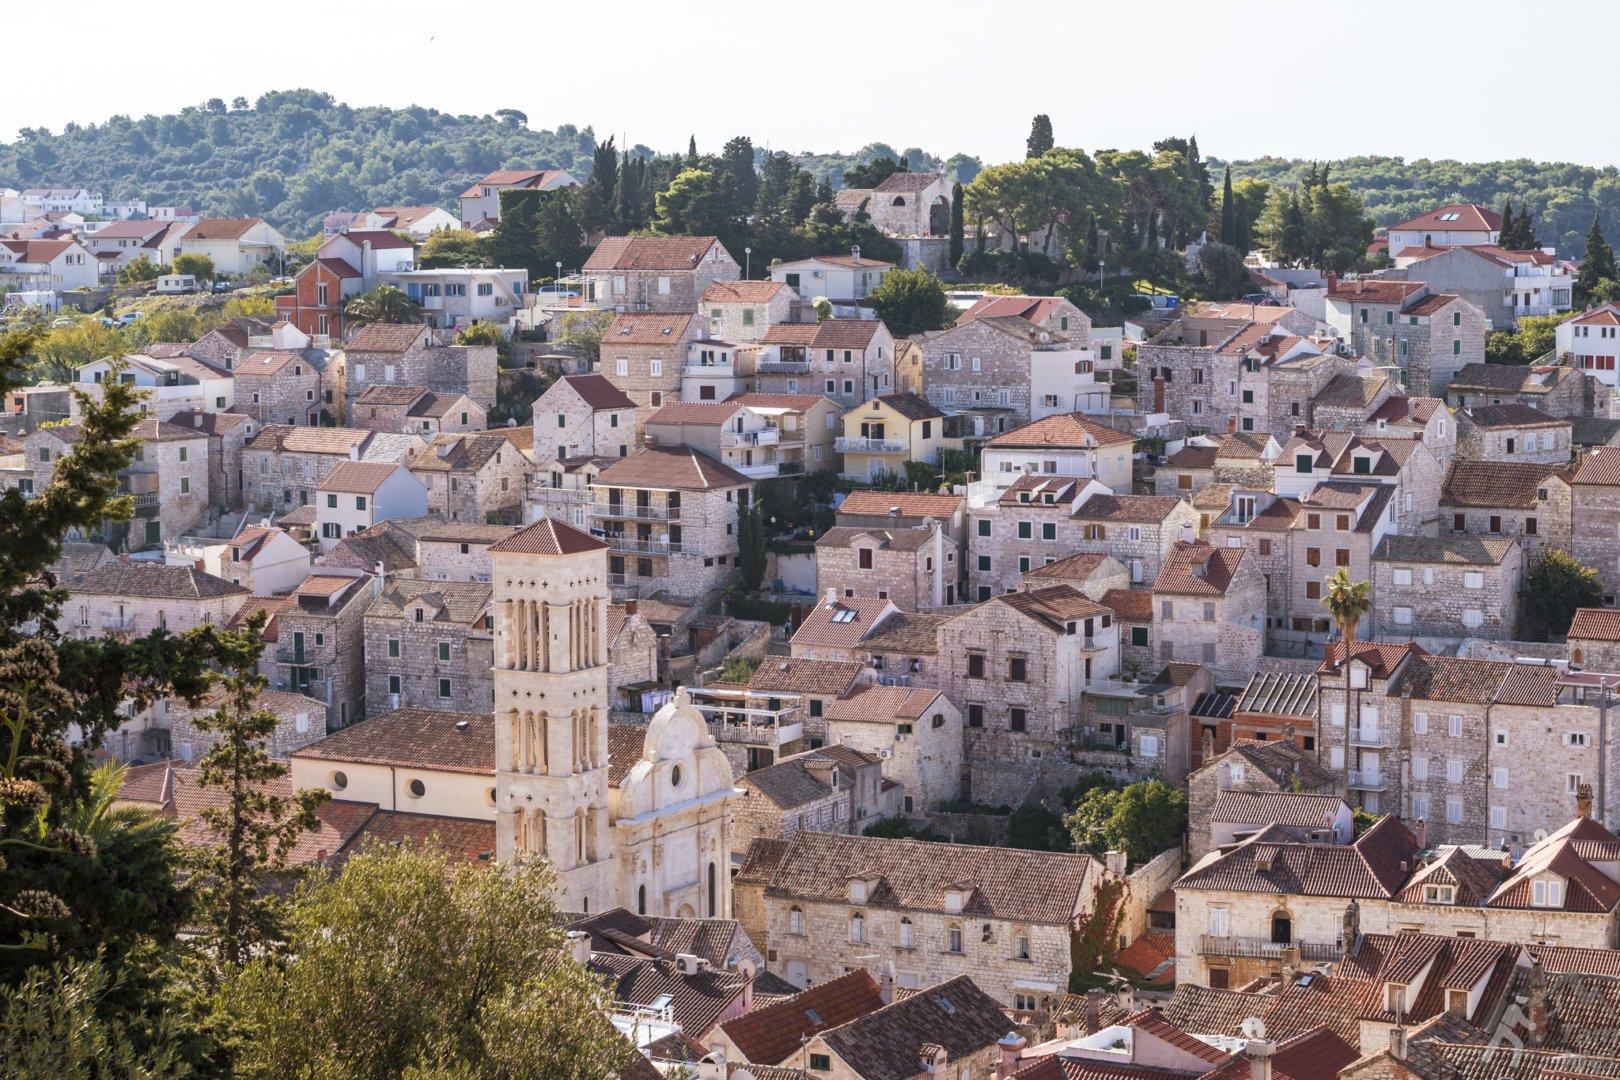 Widok na miasto Hvar z murów twierdzy Spanjola